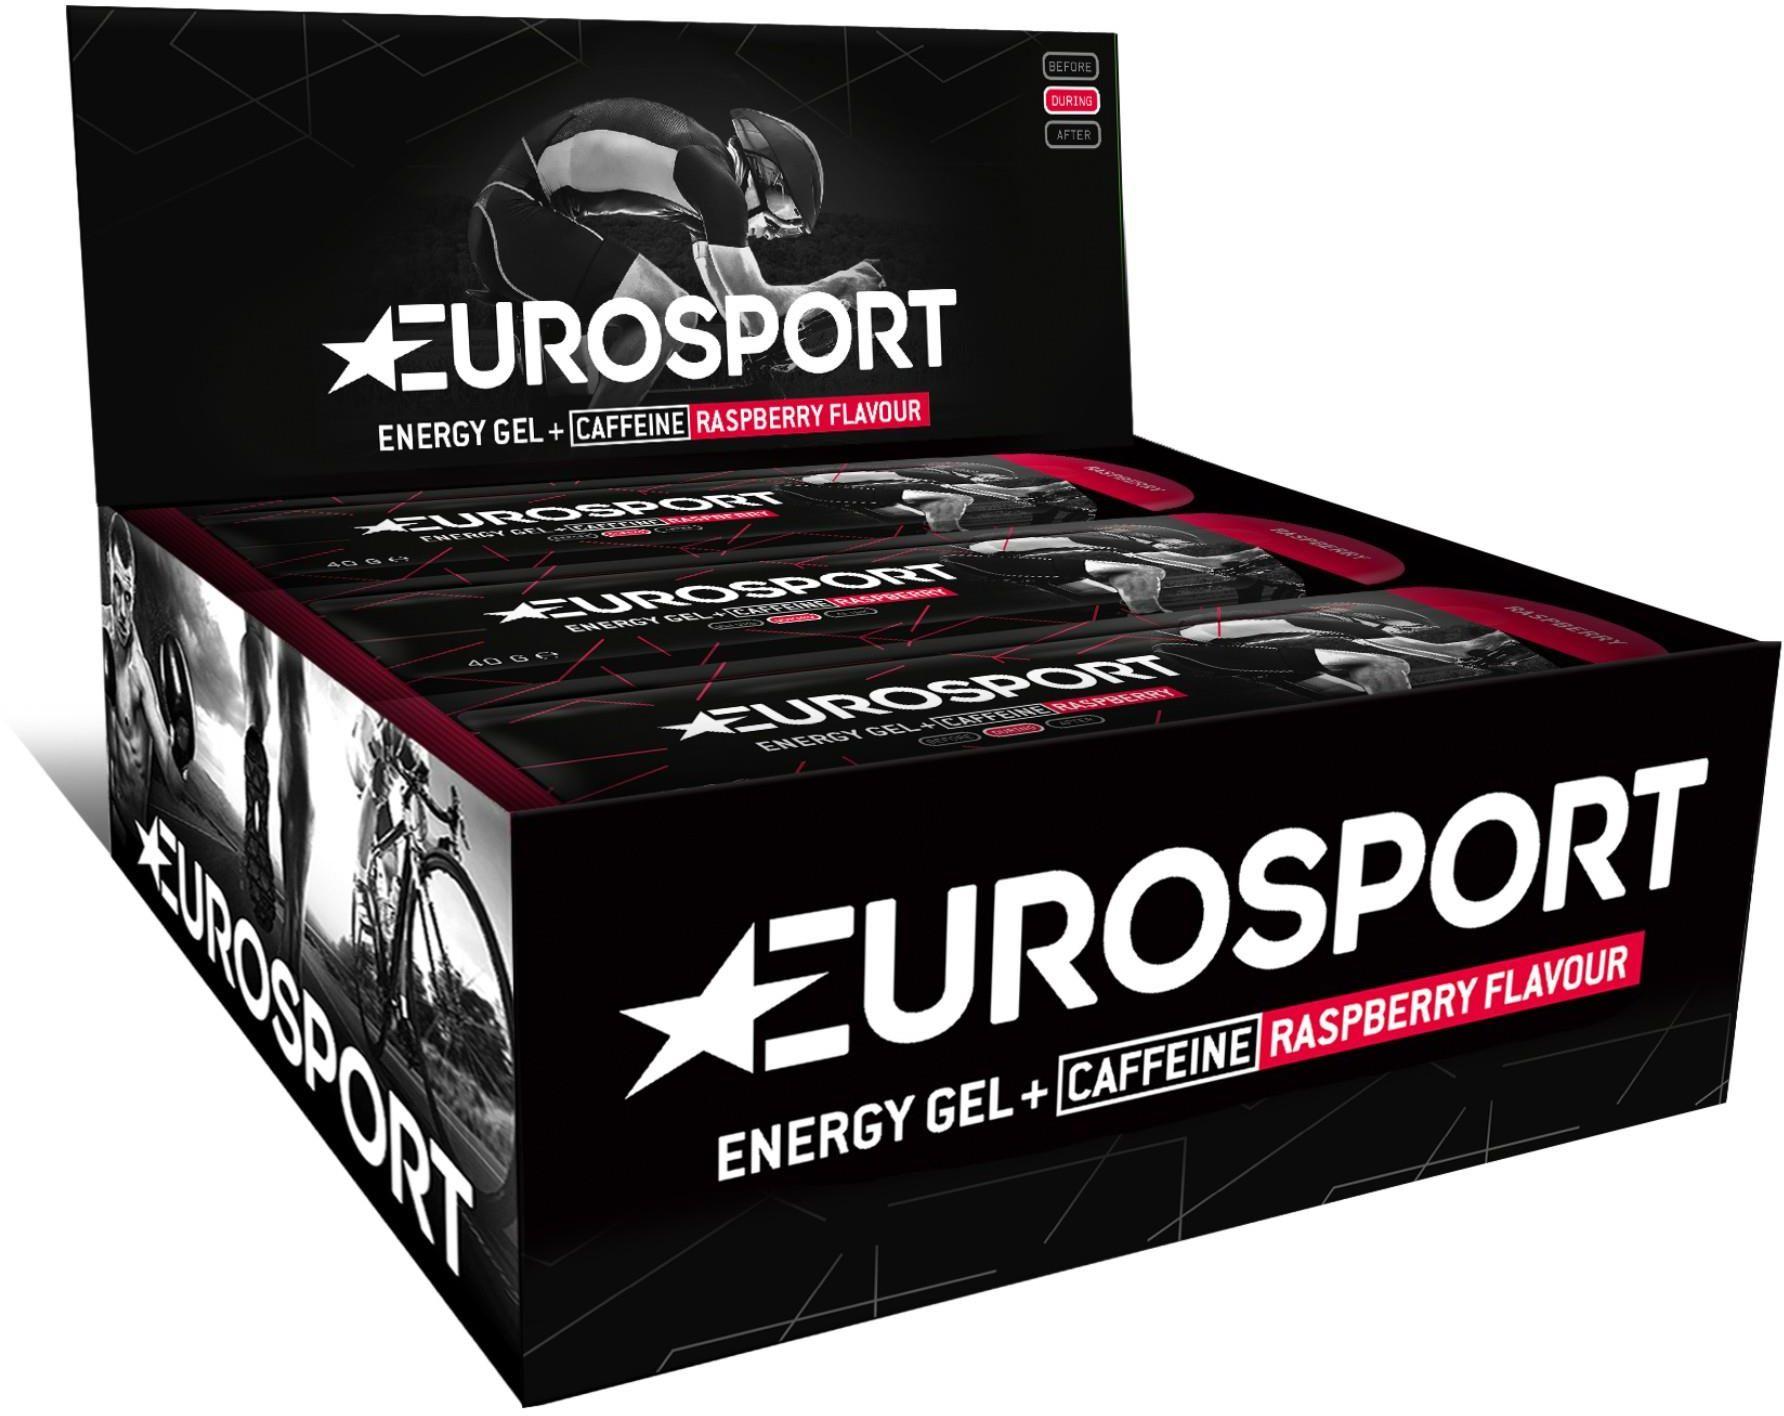 EUROSPORT żel energetyczny NUTRITION malina + kofeina 40g E0034,8718754408646